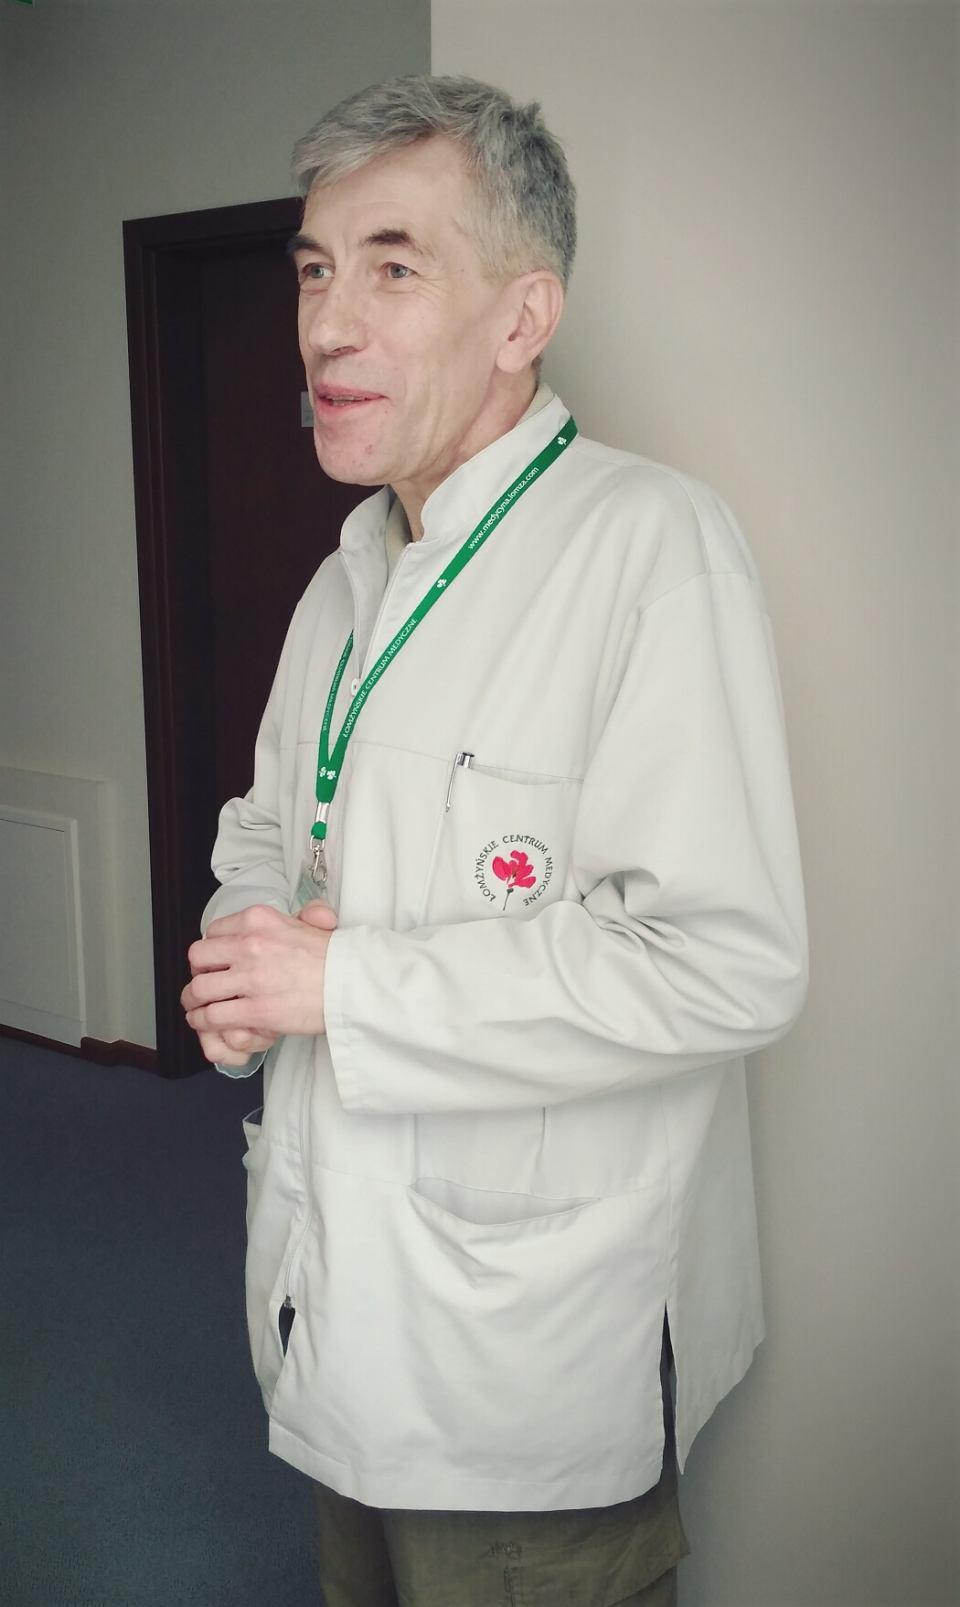 Doktor Wojciech Augustyn Bąkowski specjalista reumatolog, współpracuje z Łomżyńskim Centrum Medycznym; nominowany do Nagrody Kanigowskiego